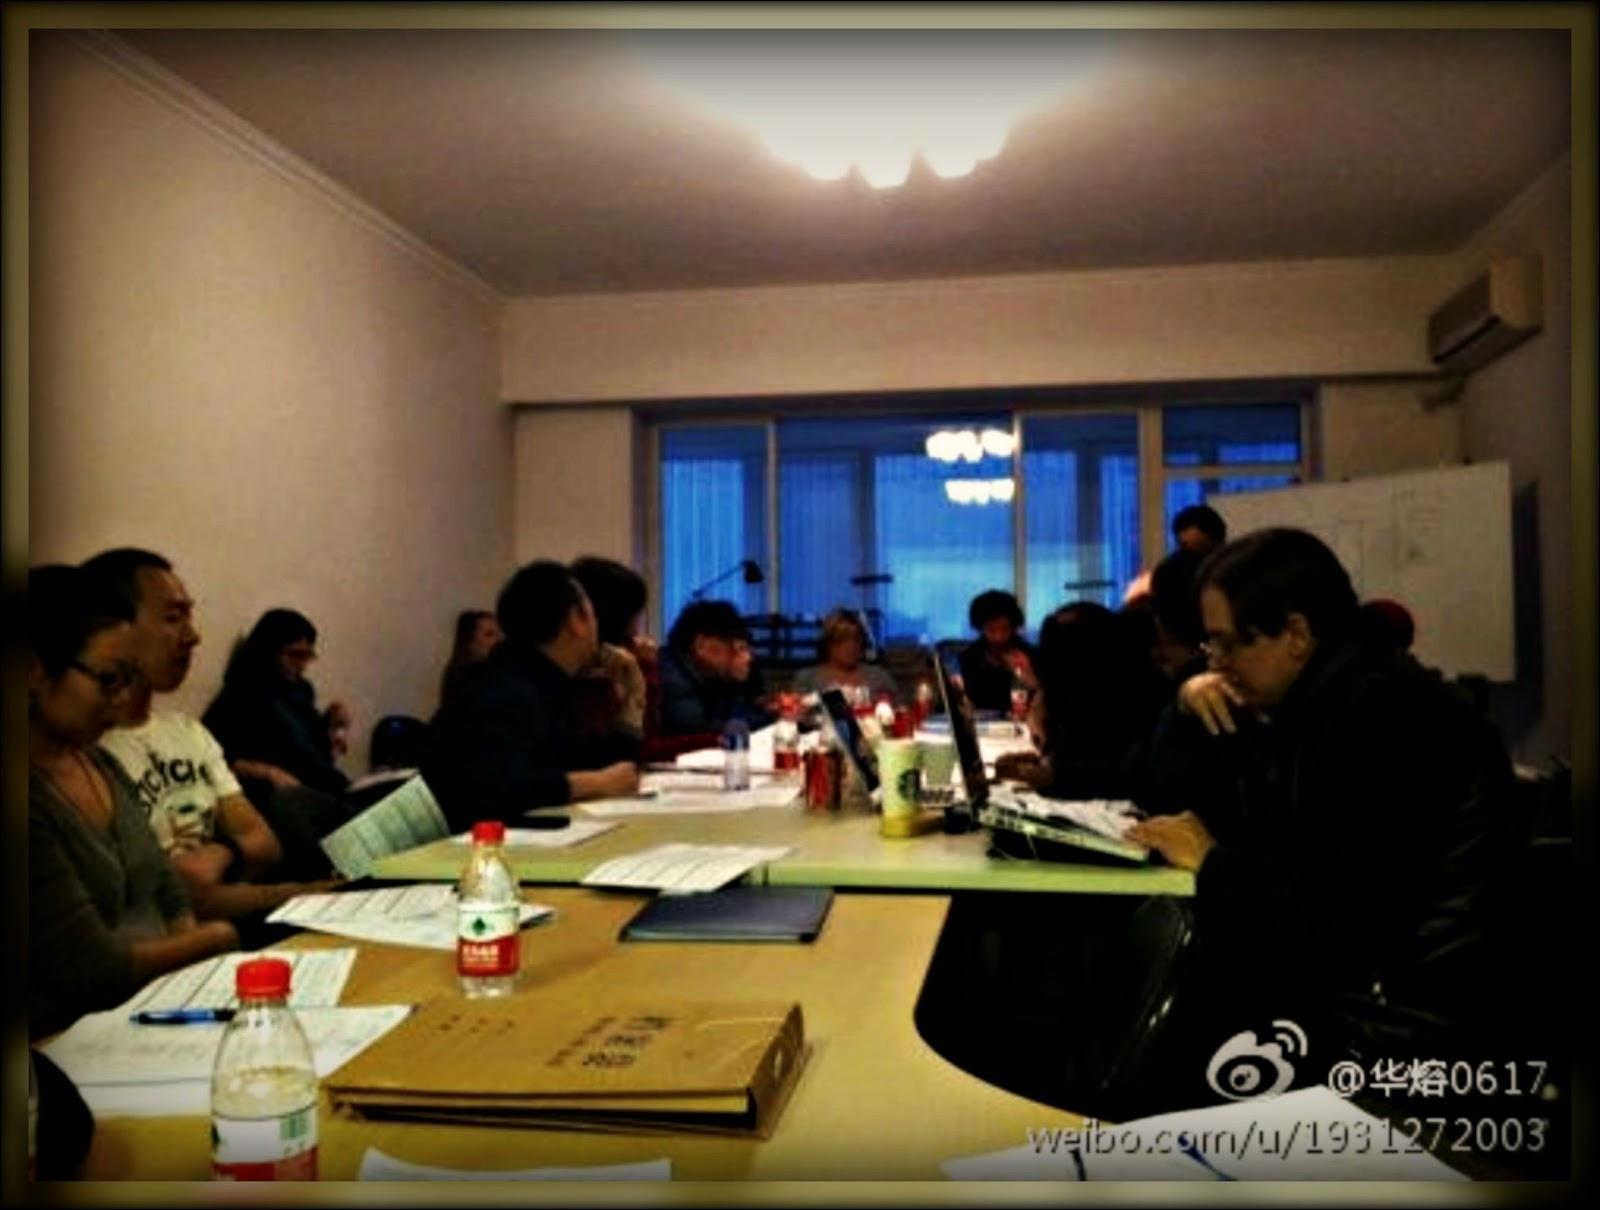 http://4.bp.blogspot.com/-AVVwehzRwvM/TyzZ36D-o6I/AAAAAAAAA1w/N3Tbz2pjrl4/s1600/keanu+03-02-2012+Man+on+Tai+Chi+509385487(PRM).jpg